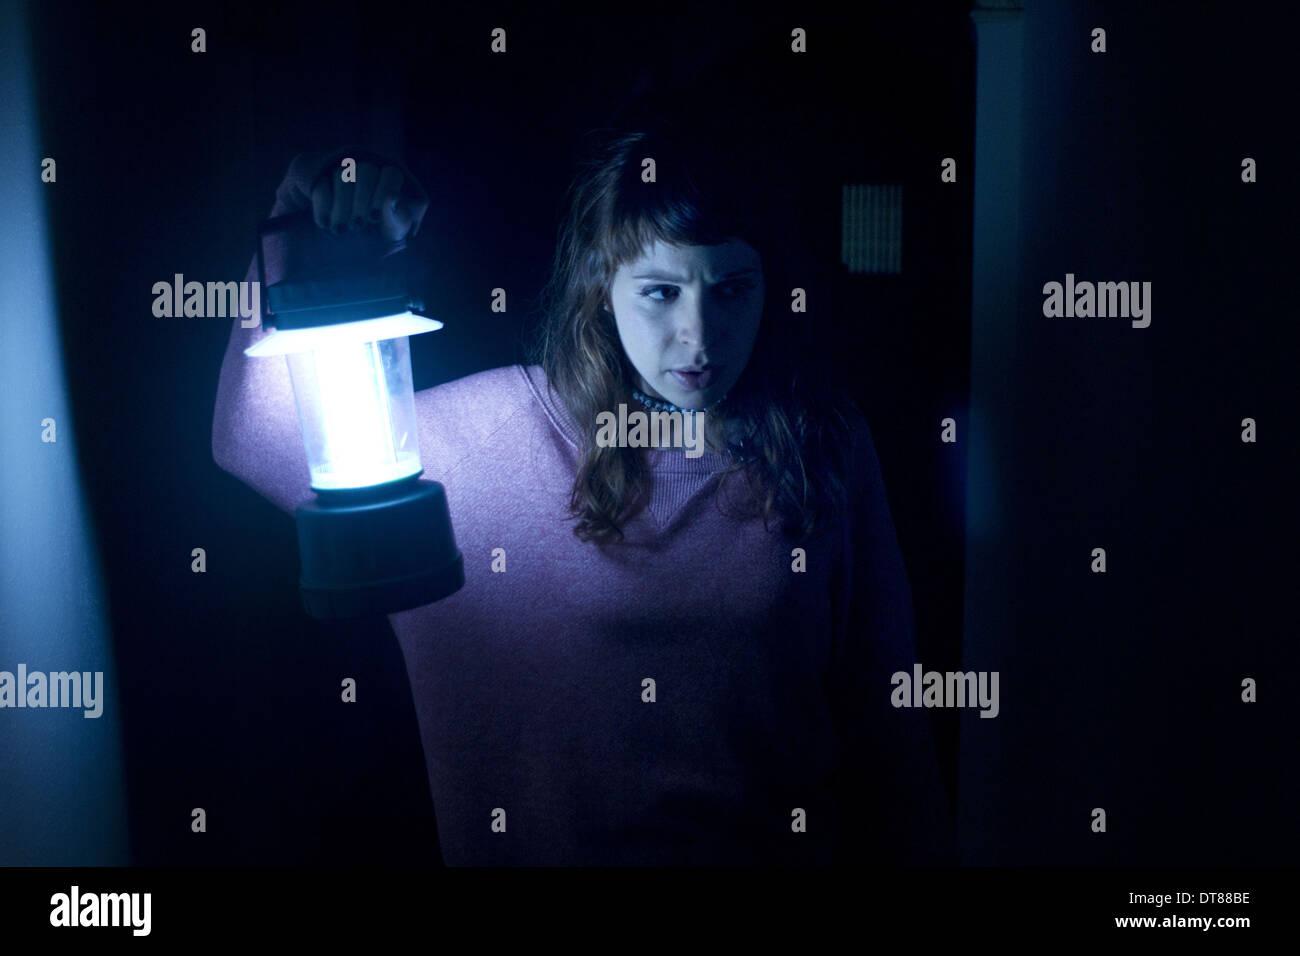 ASHLEY SPILLERS SATURDAY MORNING MASSACRE (2012) - Stock Image